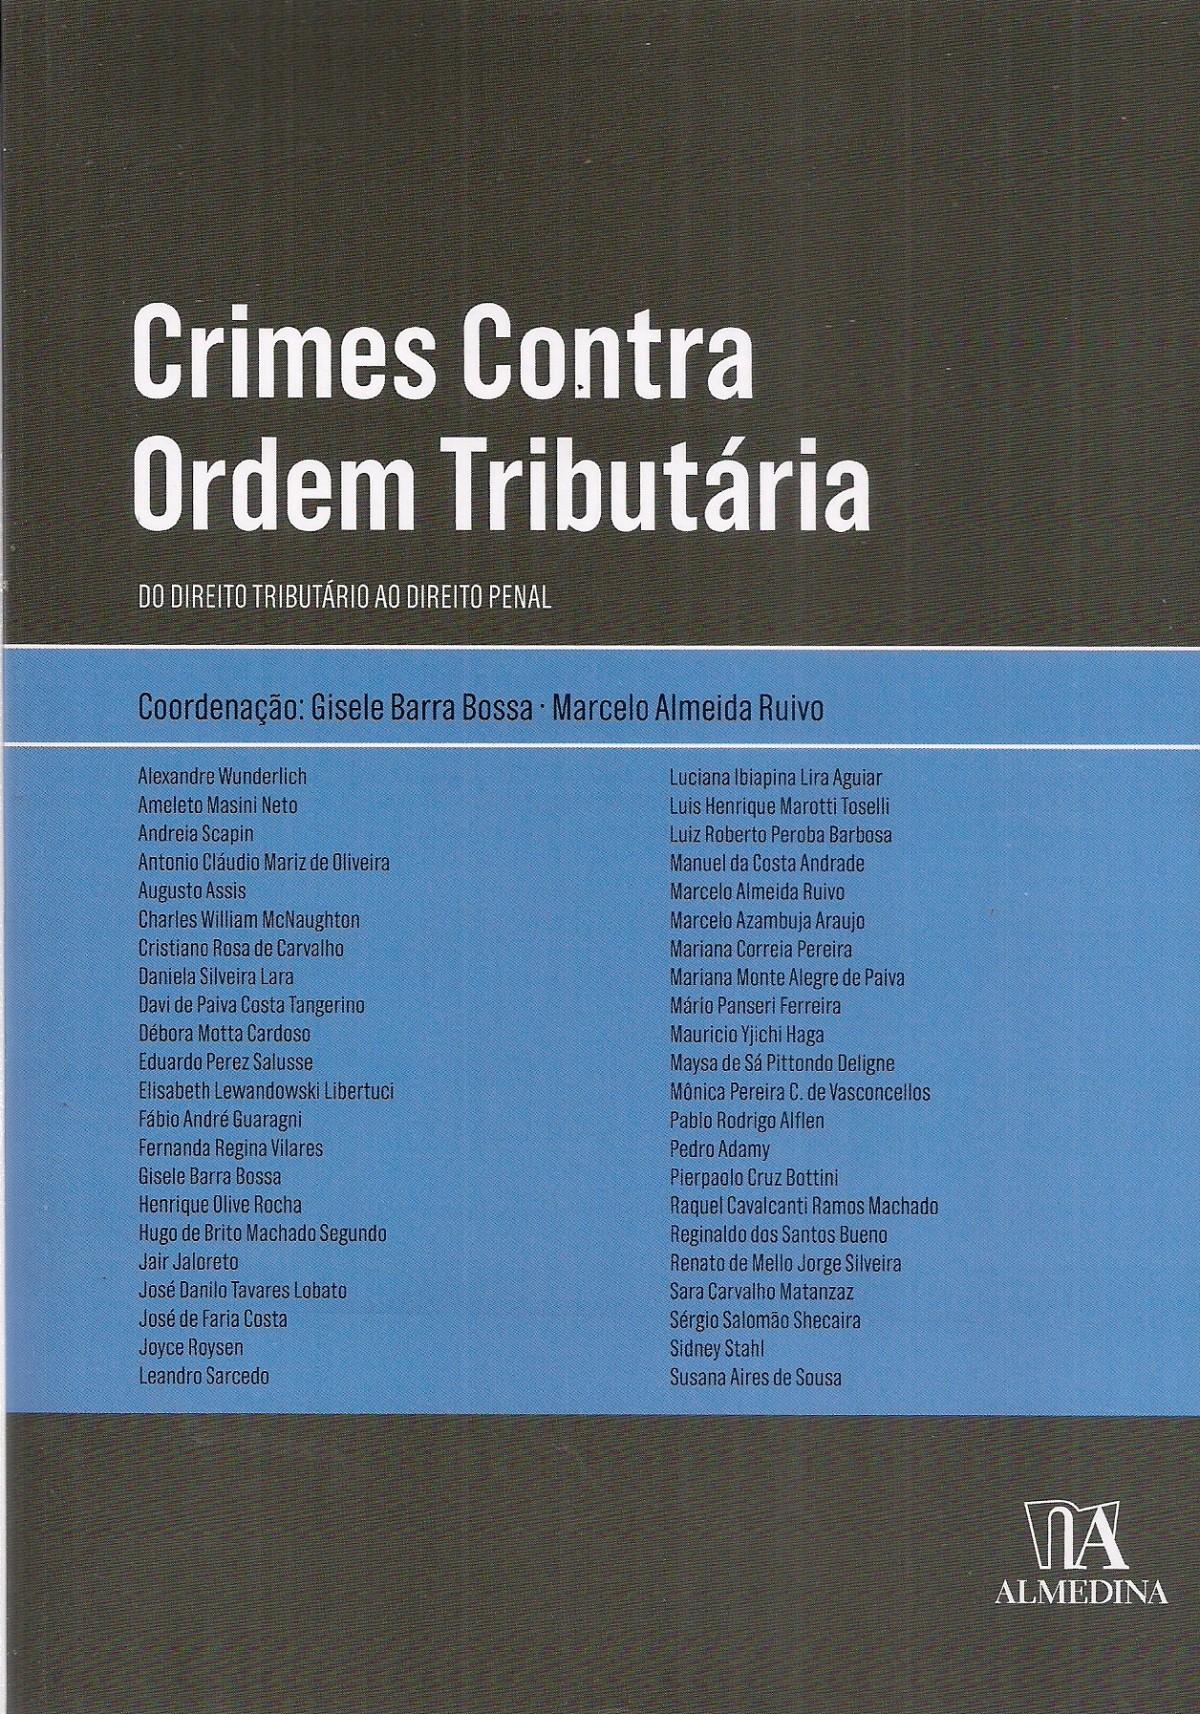 Foto 1 - Crimes contra ordem tributária, Do Direito Tributário ao Direito Penal